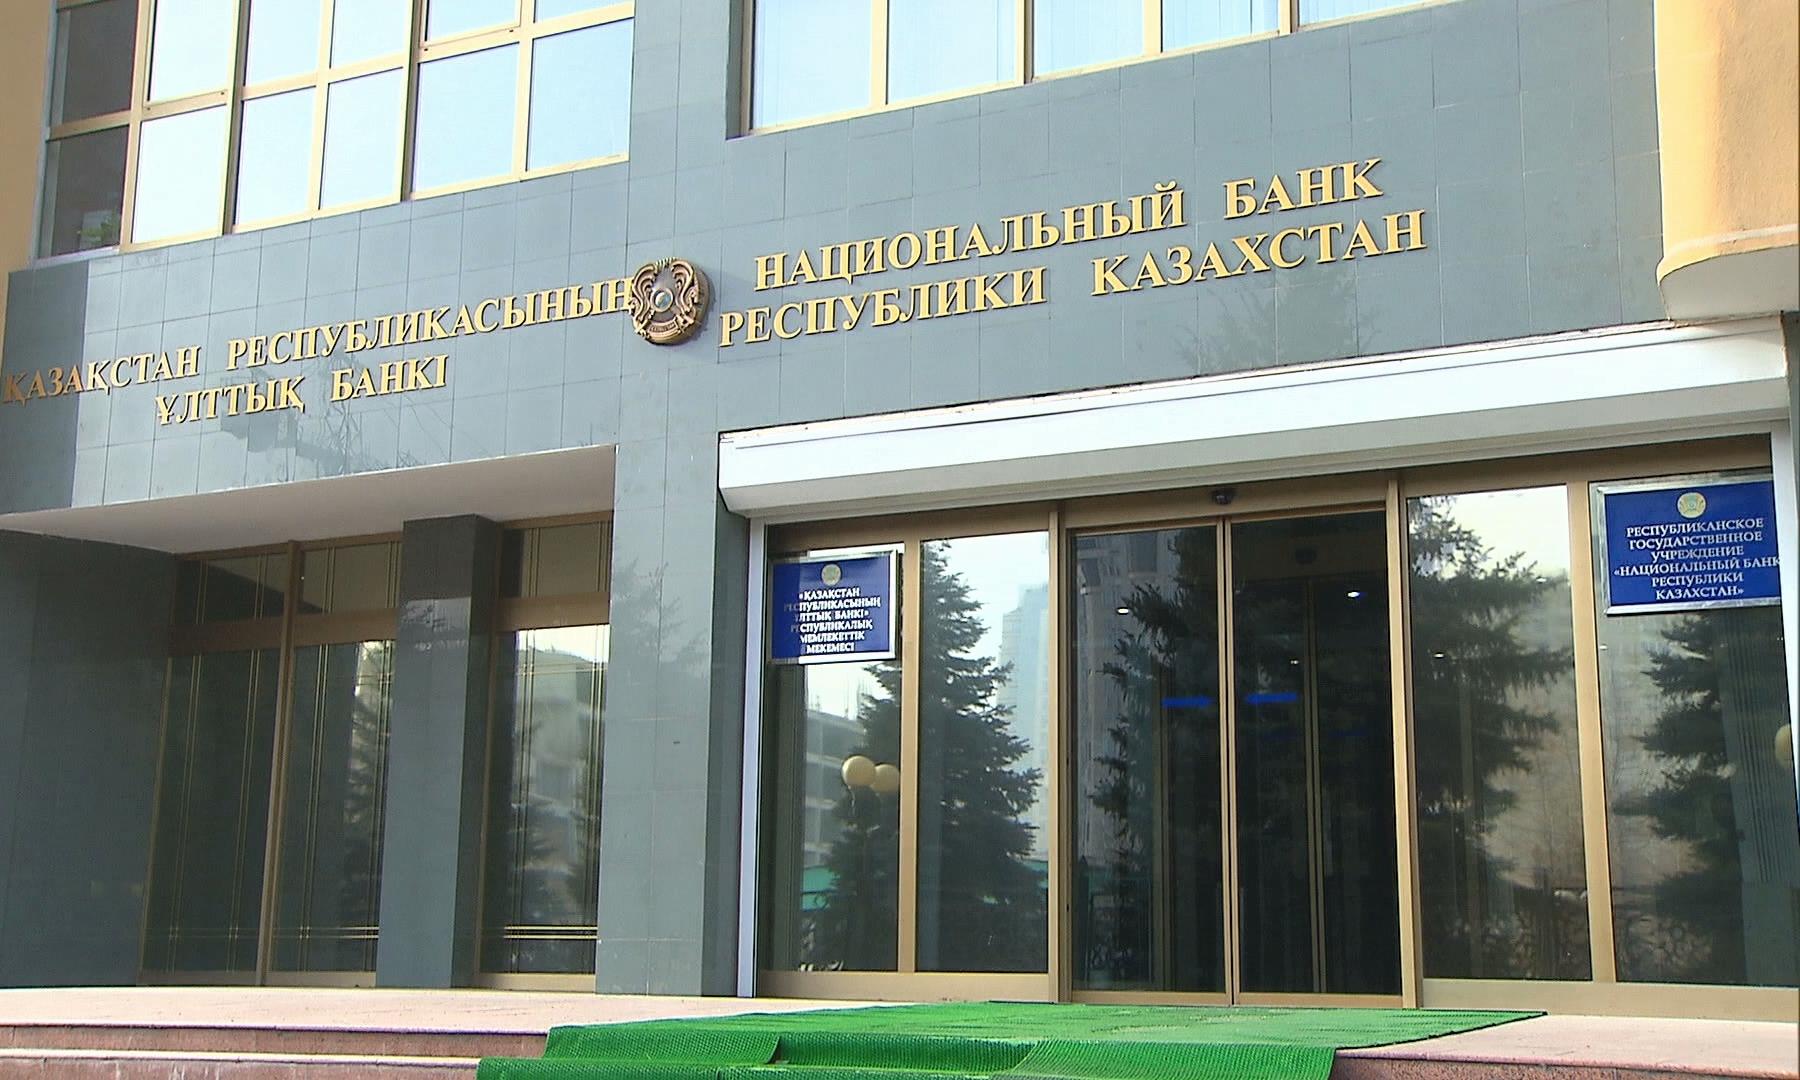 Международные резервы Казахстана в октябре выросли на 0,6%, с начала года сократились на 0,2%